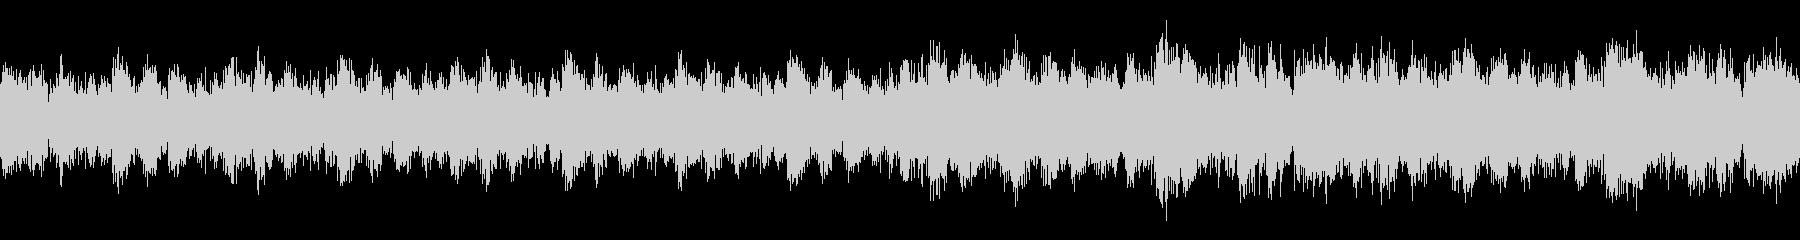 緊迫感 オーケストラ2 ループの未再生の波形